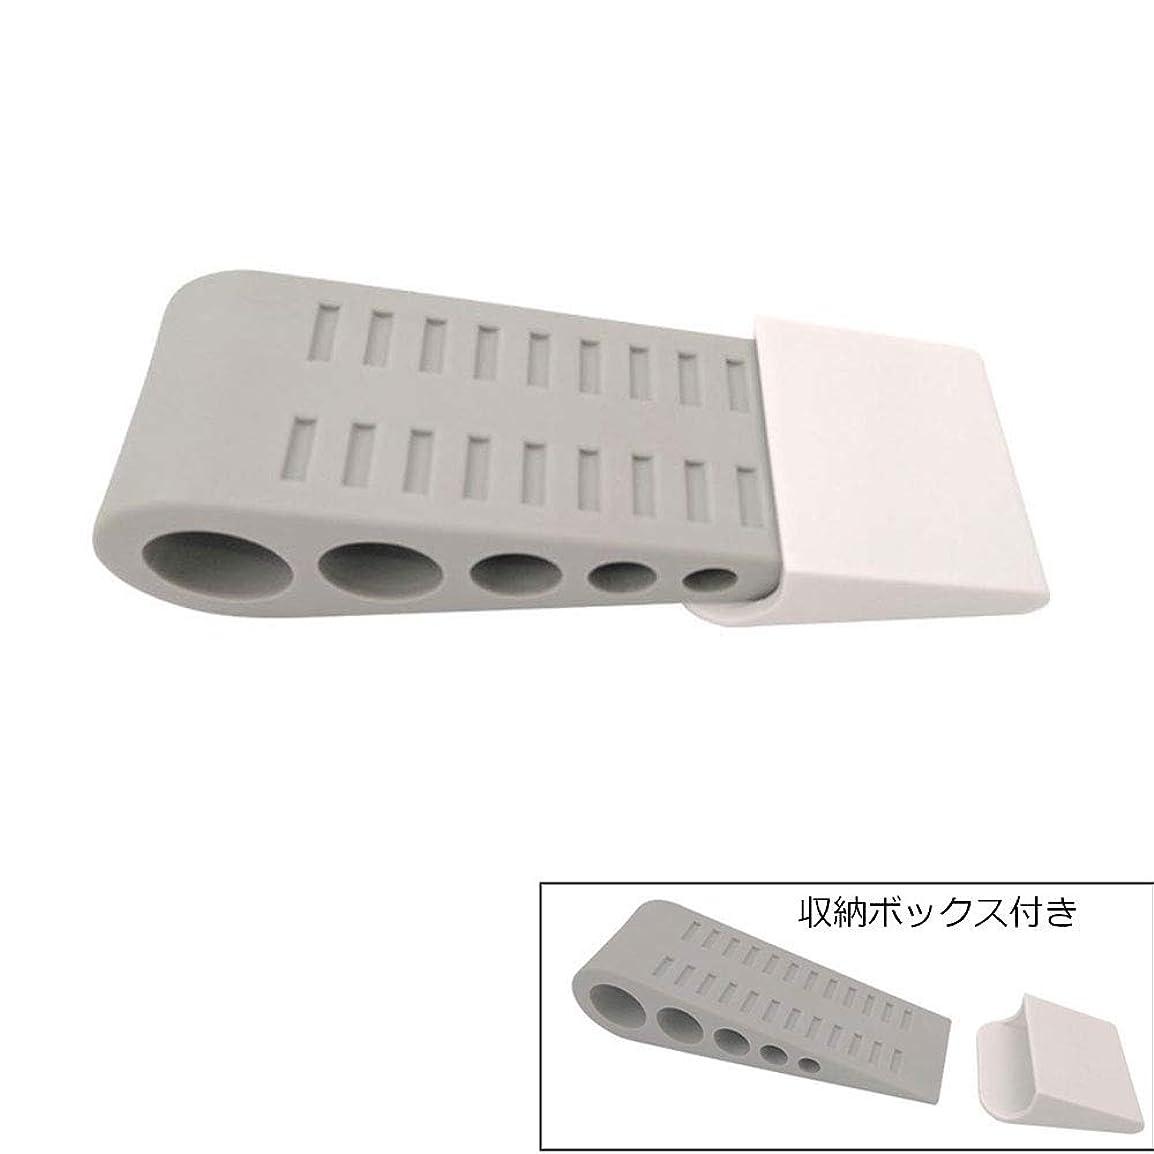 電圧味方汚いドアストッパータンククローラー形状、子供の安全保護ドアストップ、TPR素材固定ドアカード グレー-1個